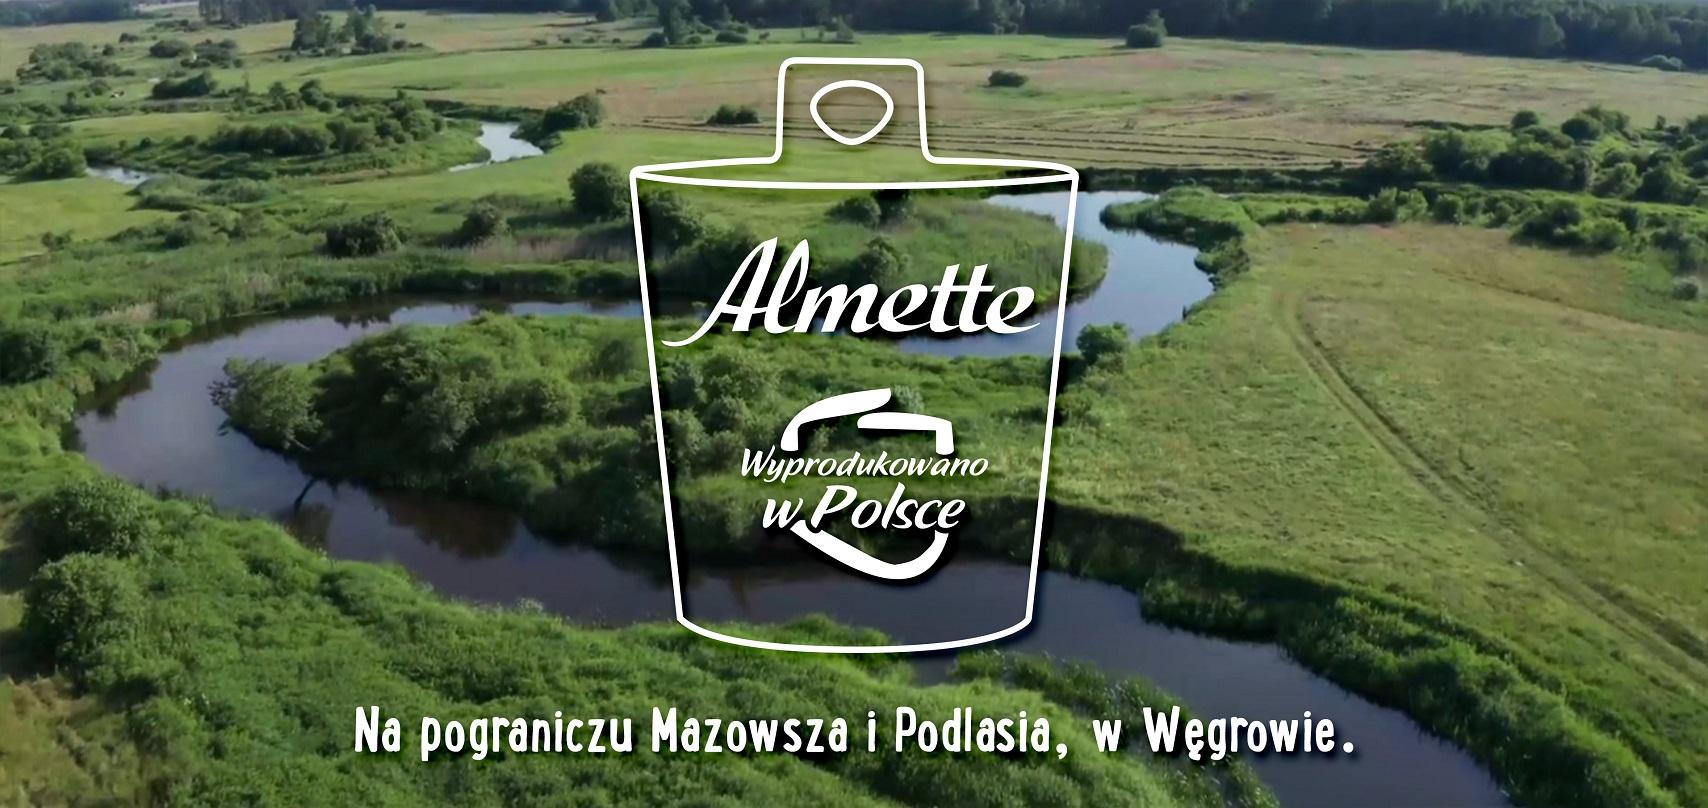 Almette – wyprodukowano w Polsce